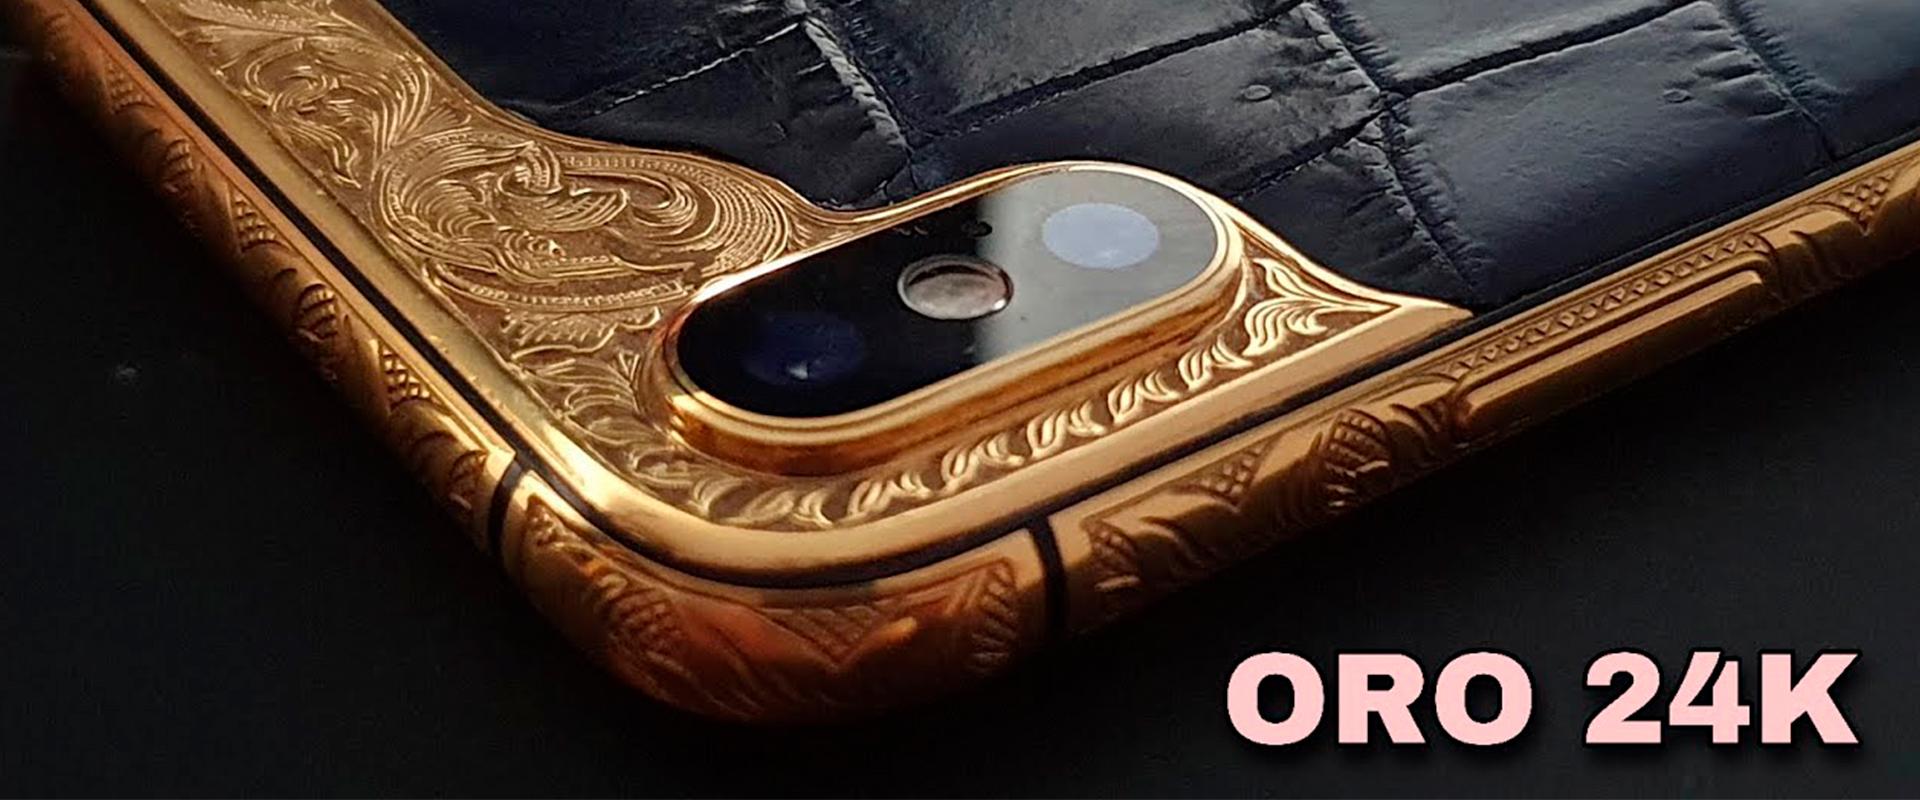 El iPhone de ORO de 24K ¡ÚNICO EN EL MUNDO!